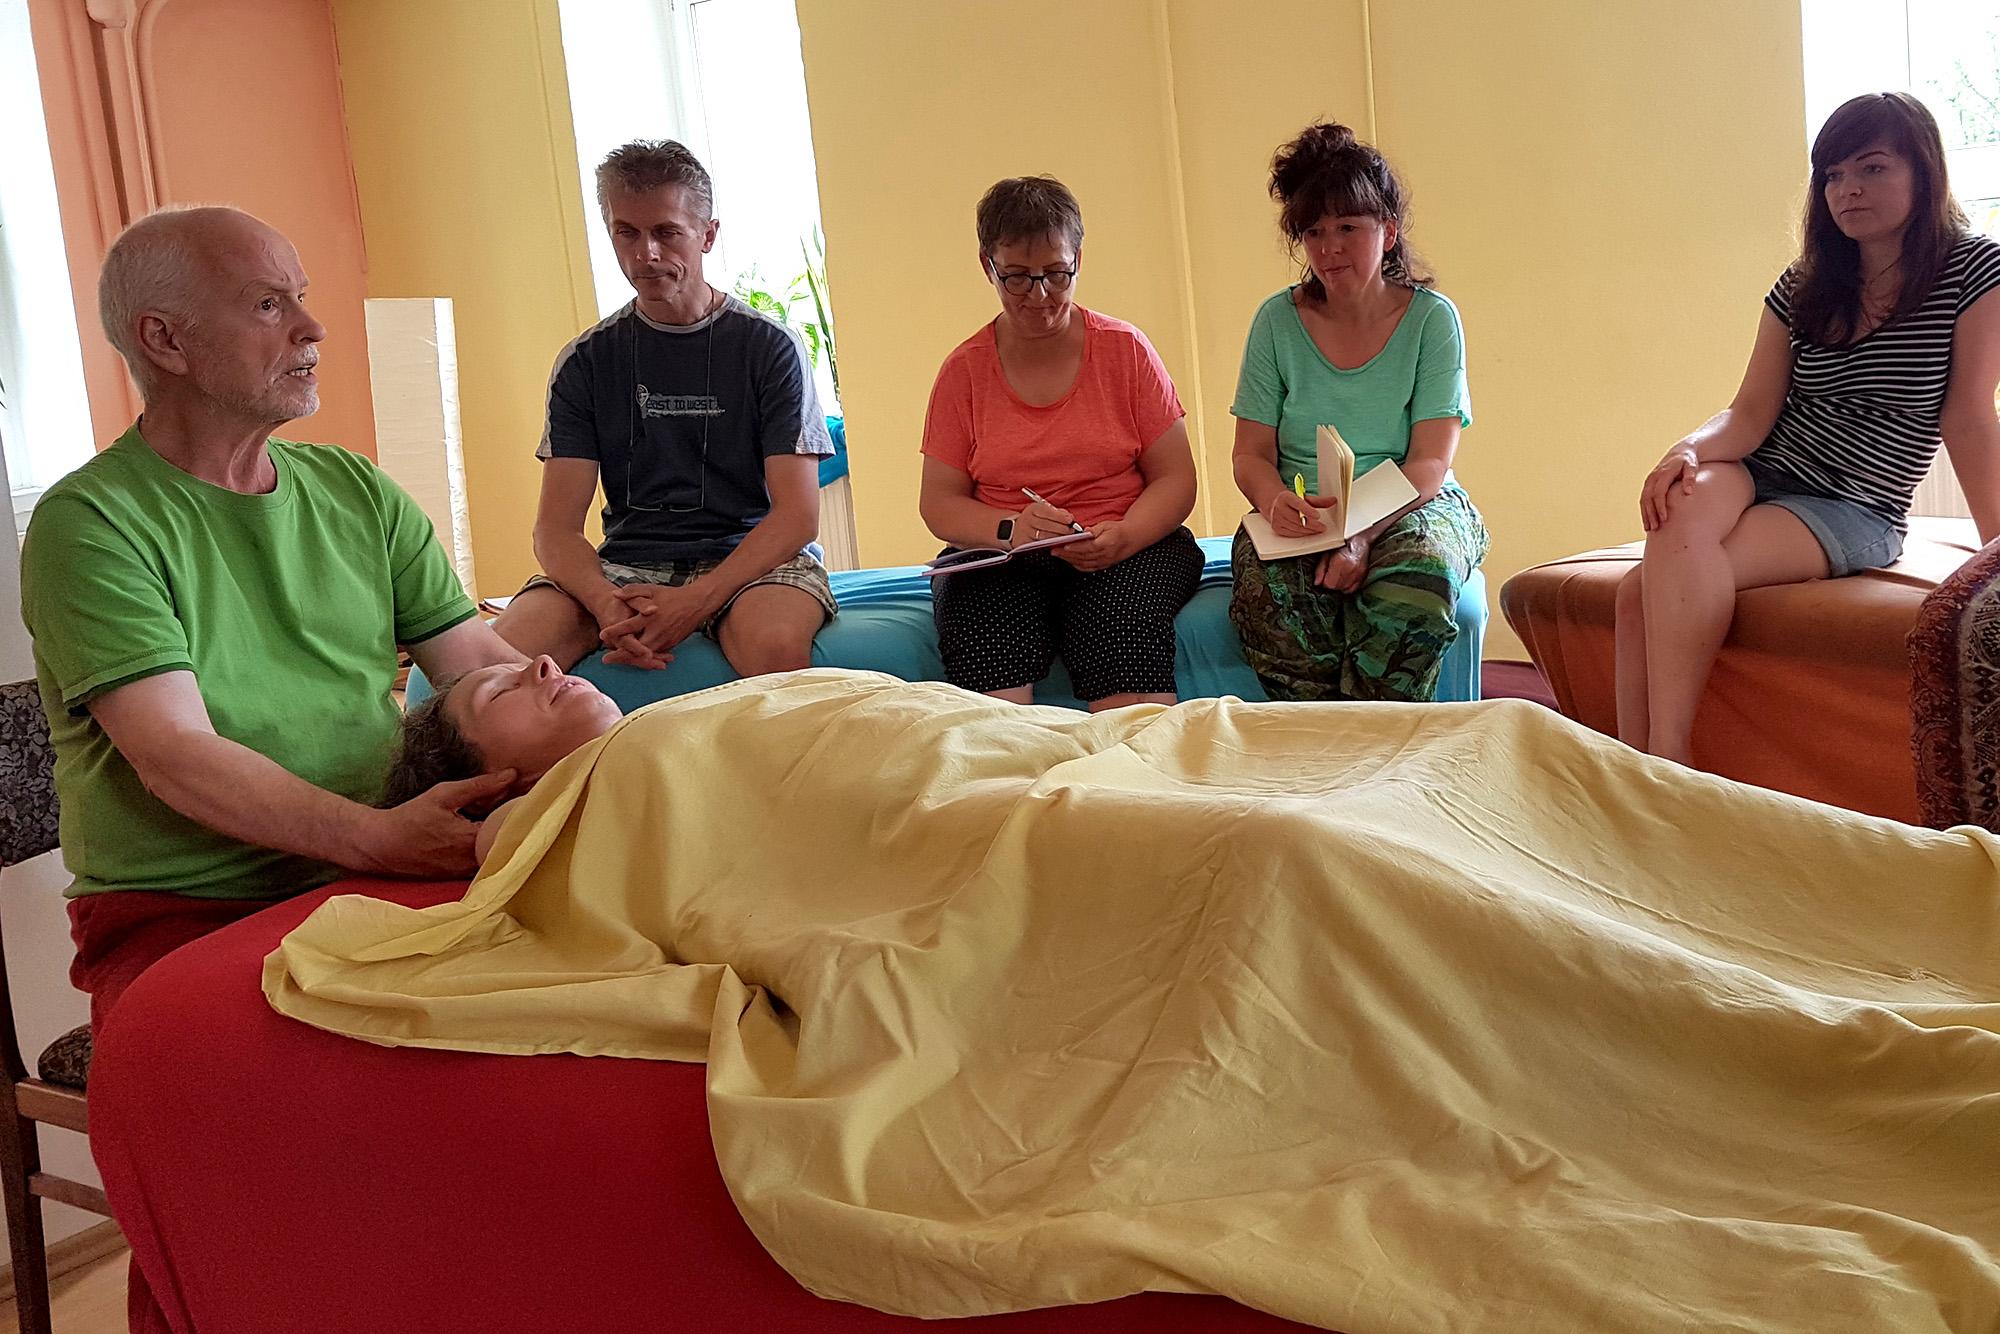 Anleitung Massage